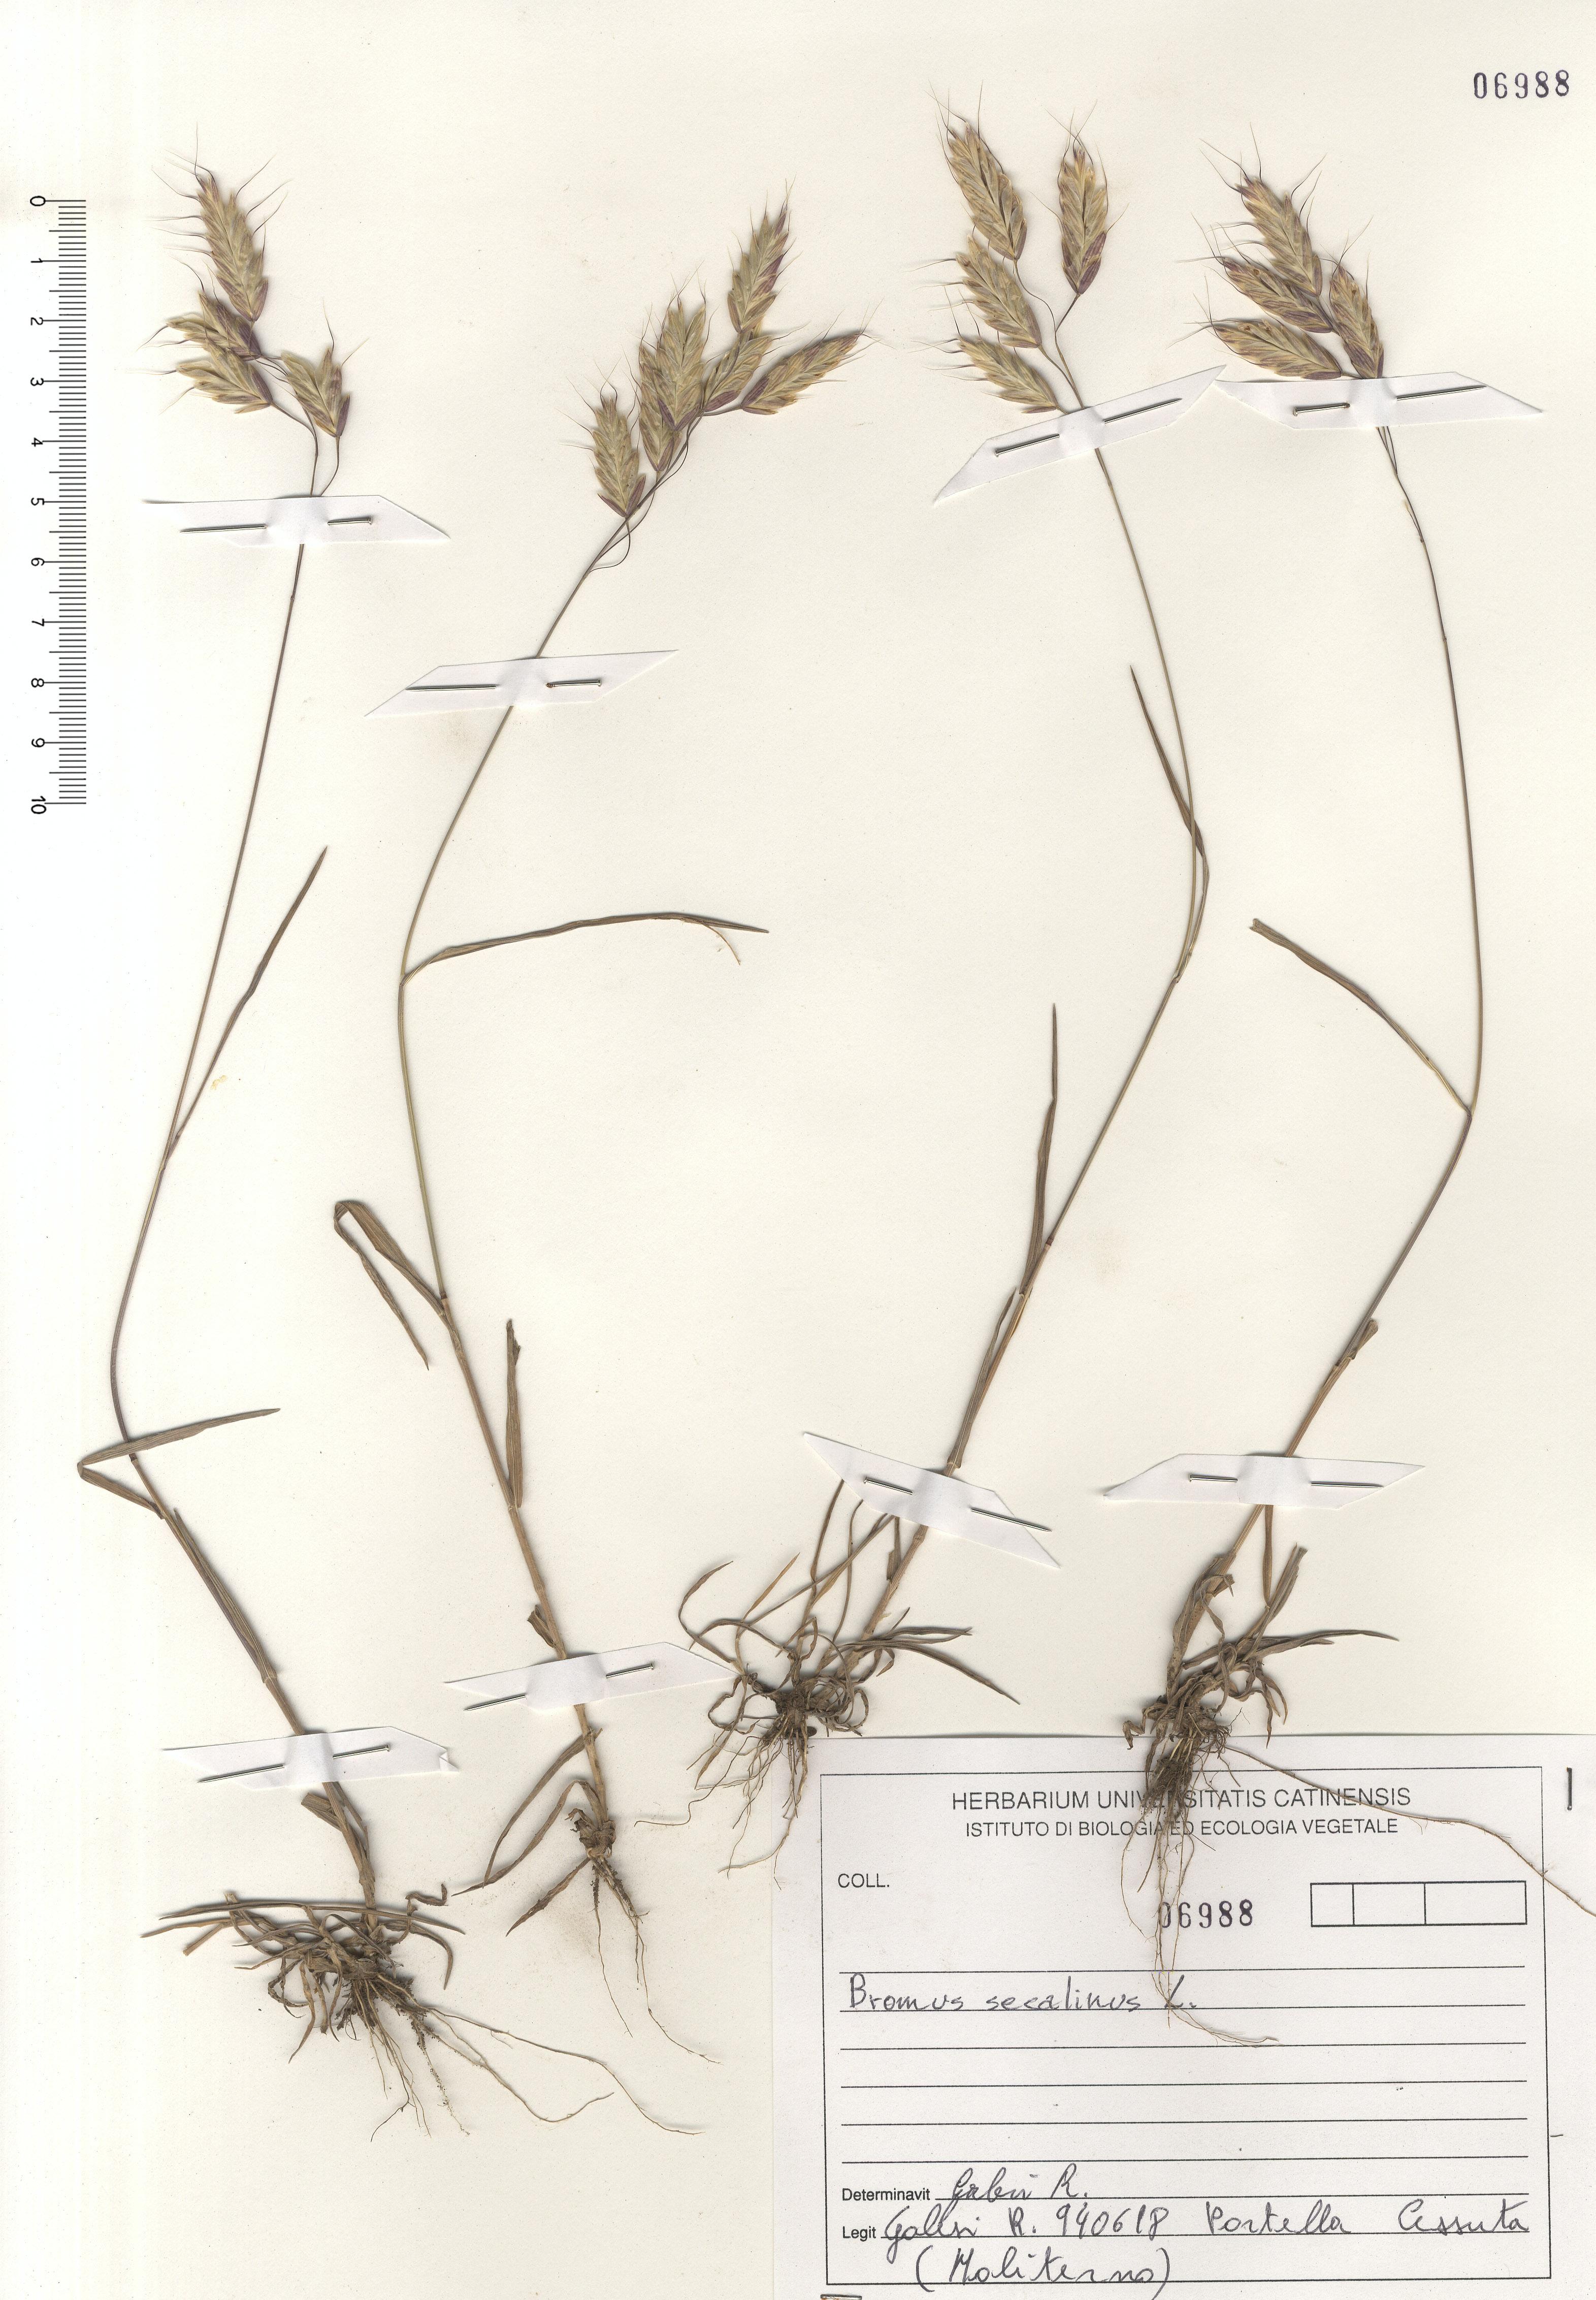 © Hortus Botanicus Catinensis - Herb. sheet 106998<br>